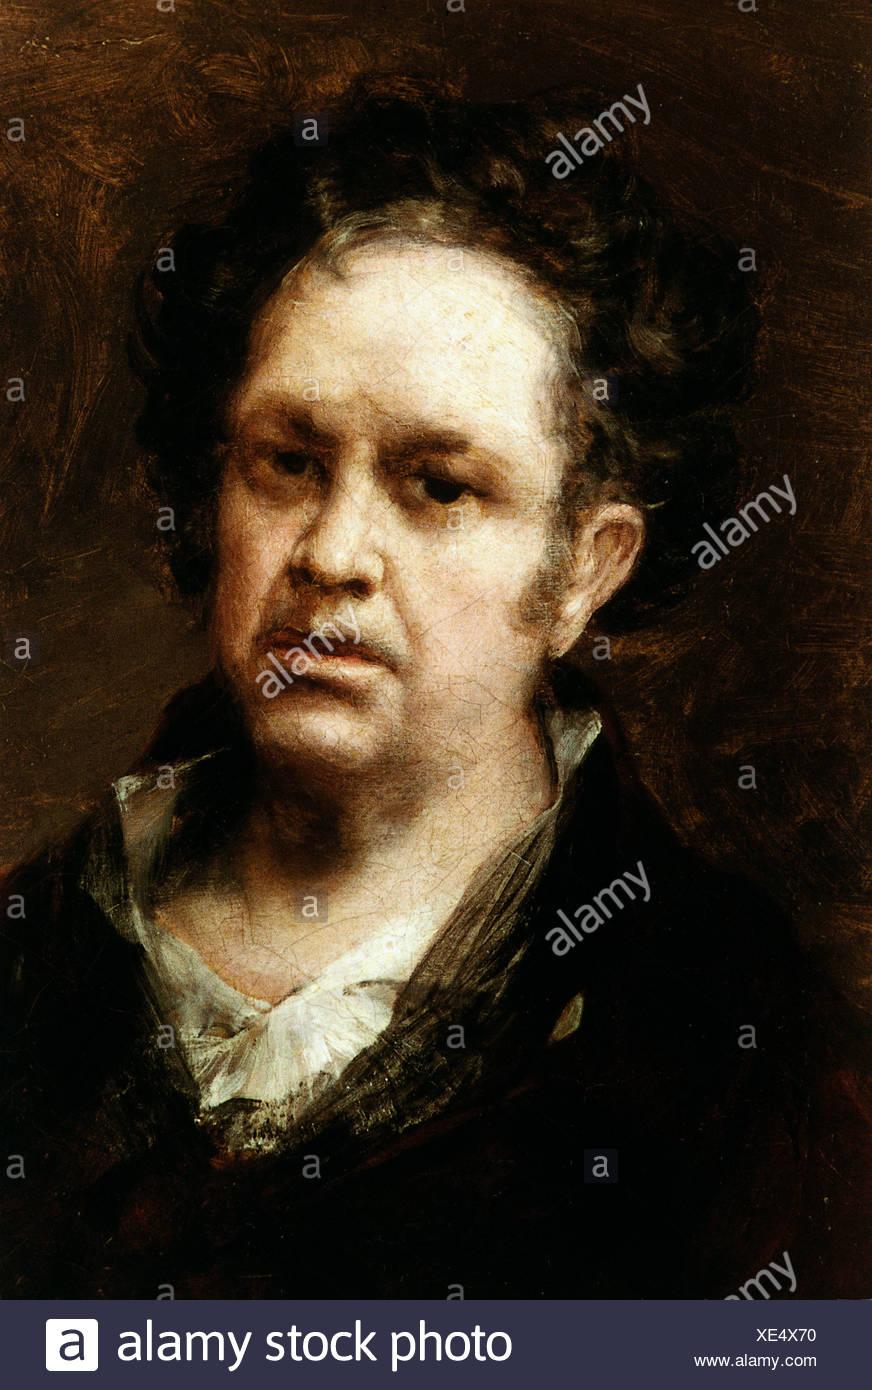 Goya y Lucientes, Francisco de, 30.3.1746 - 16.4.1828, el pintor español, autorretrato, Museo del Prado, Madrid, Foto de stock